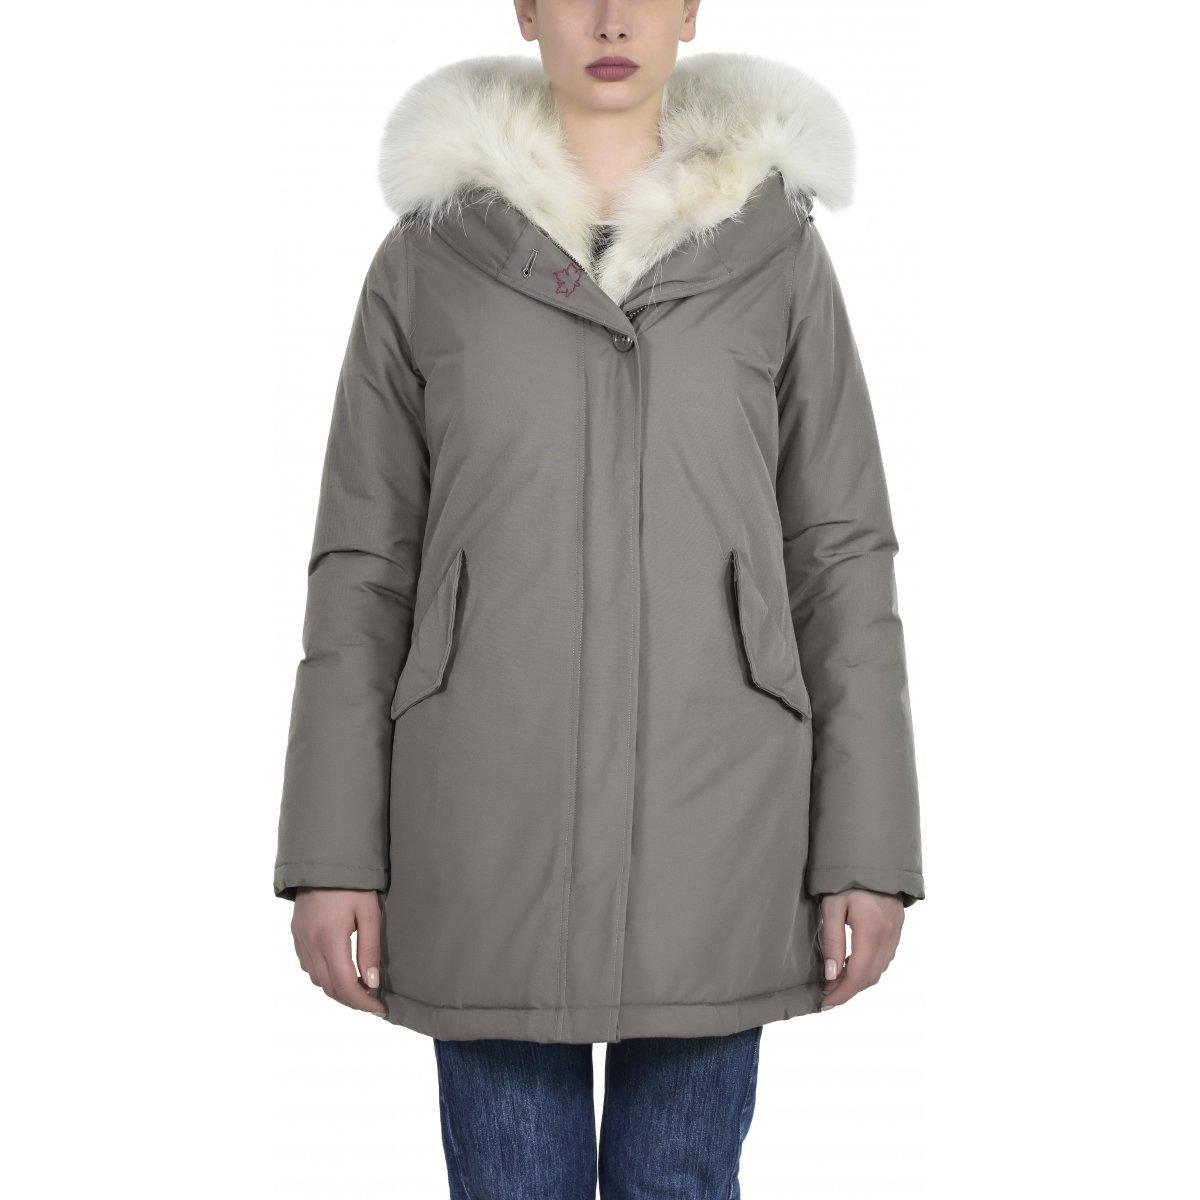 migliori scarpe da ginnastica a5f89 ce9ad Giacca Donna Sonora Real Fur Limited Edition - Eskimo ...